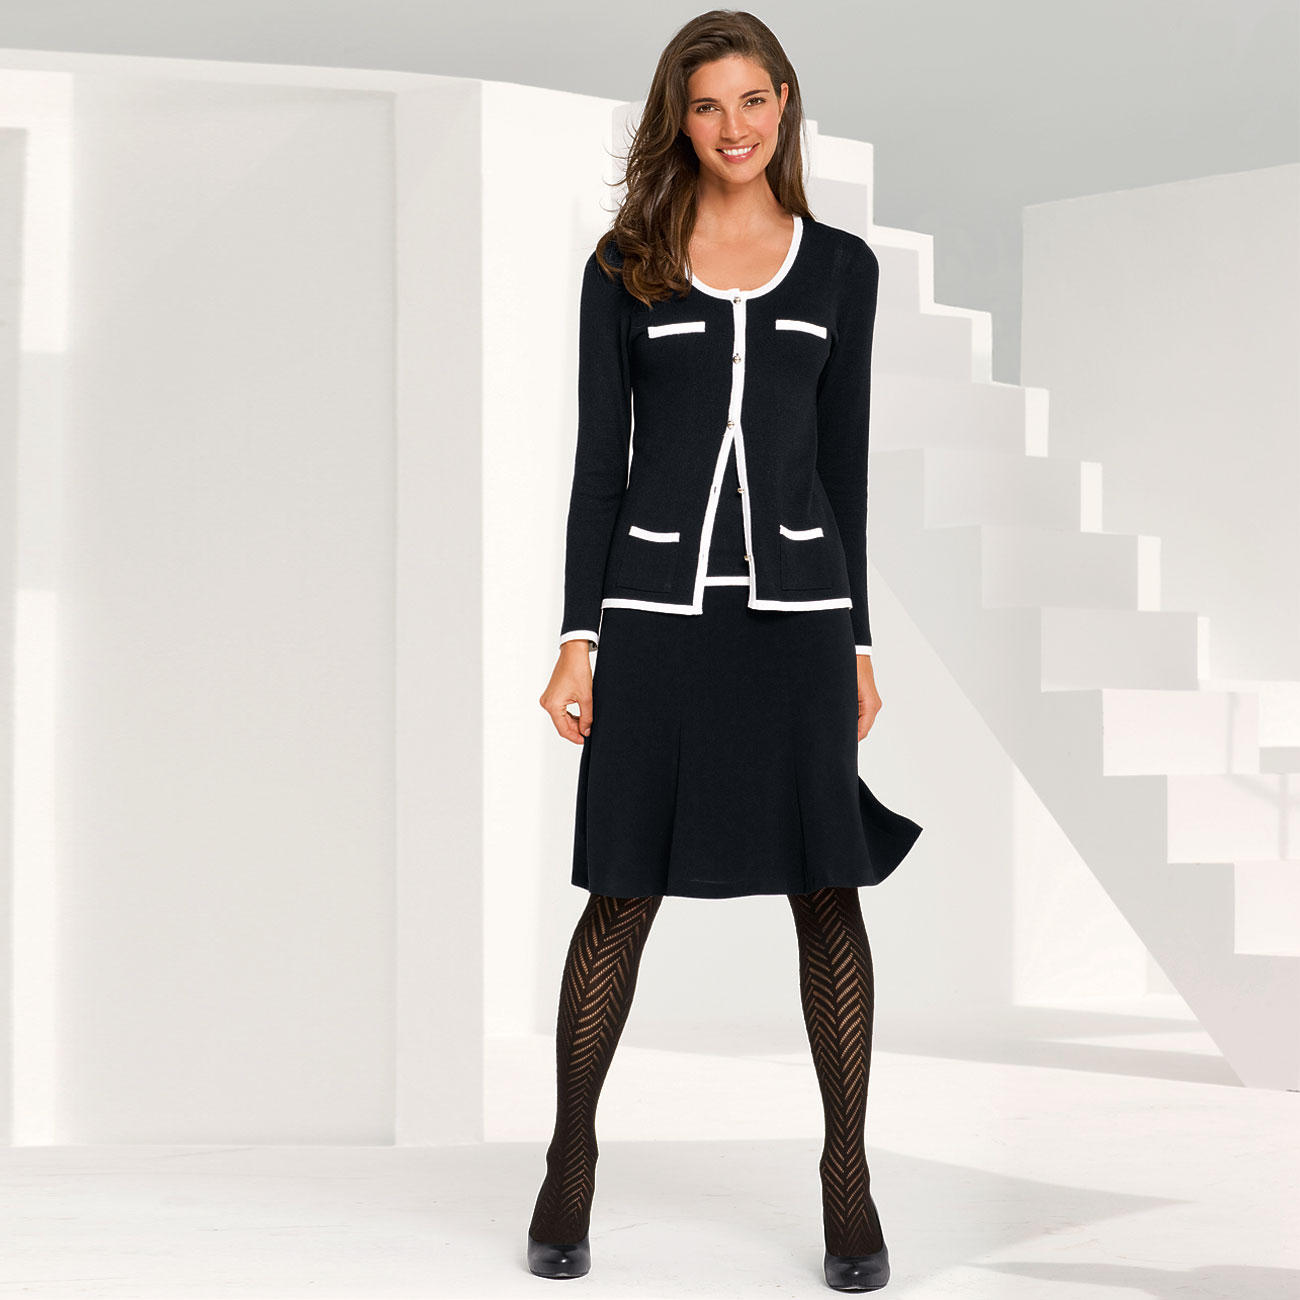 Veste ou top twin set haute couture hofmann streicher for Haute couture tops